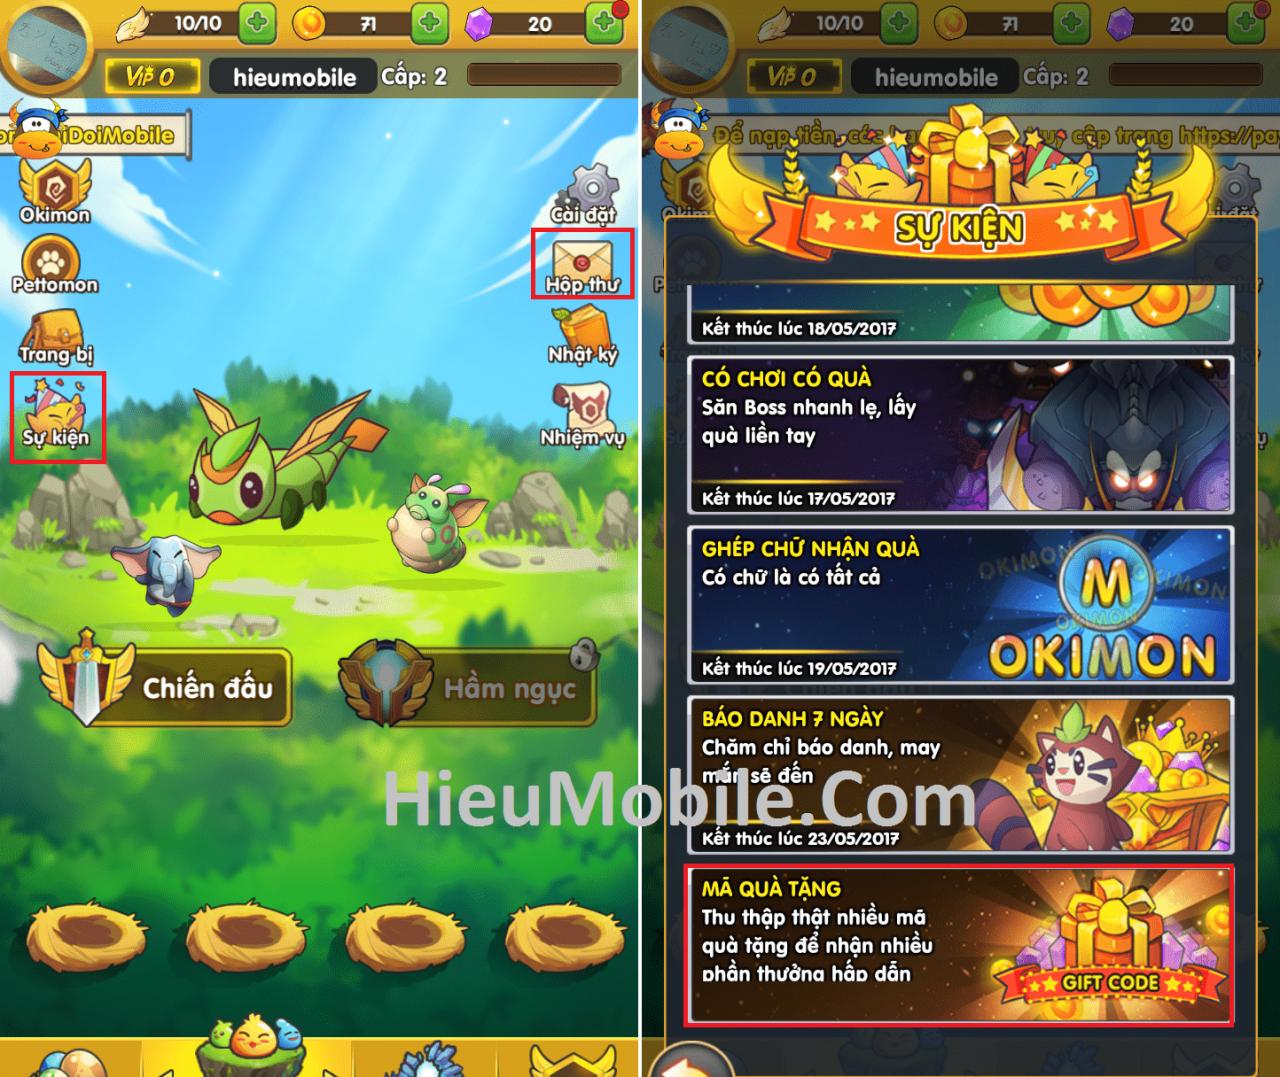 Hình ảnh 0oDQuyl của Hướng dẫn nhận và sử dụng giftcode Phi Đội Mobile tại HieuMobile